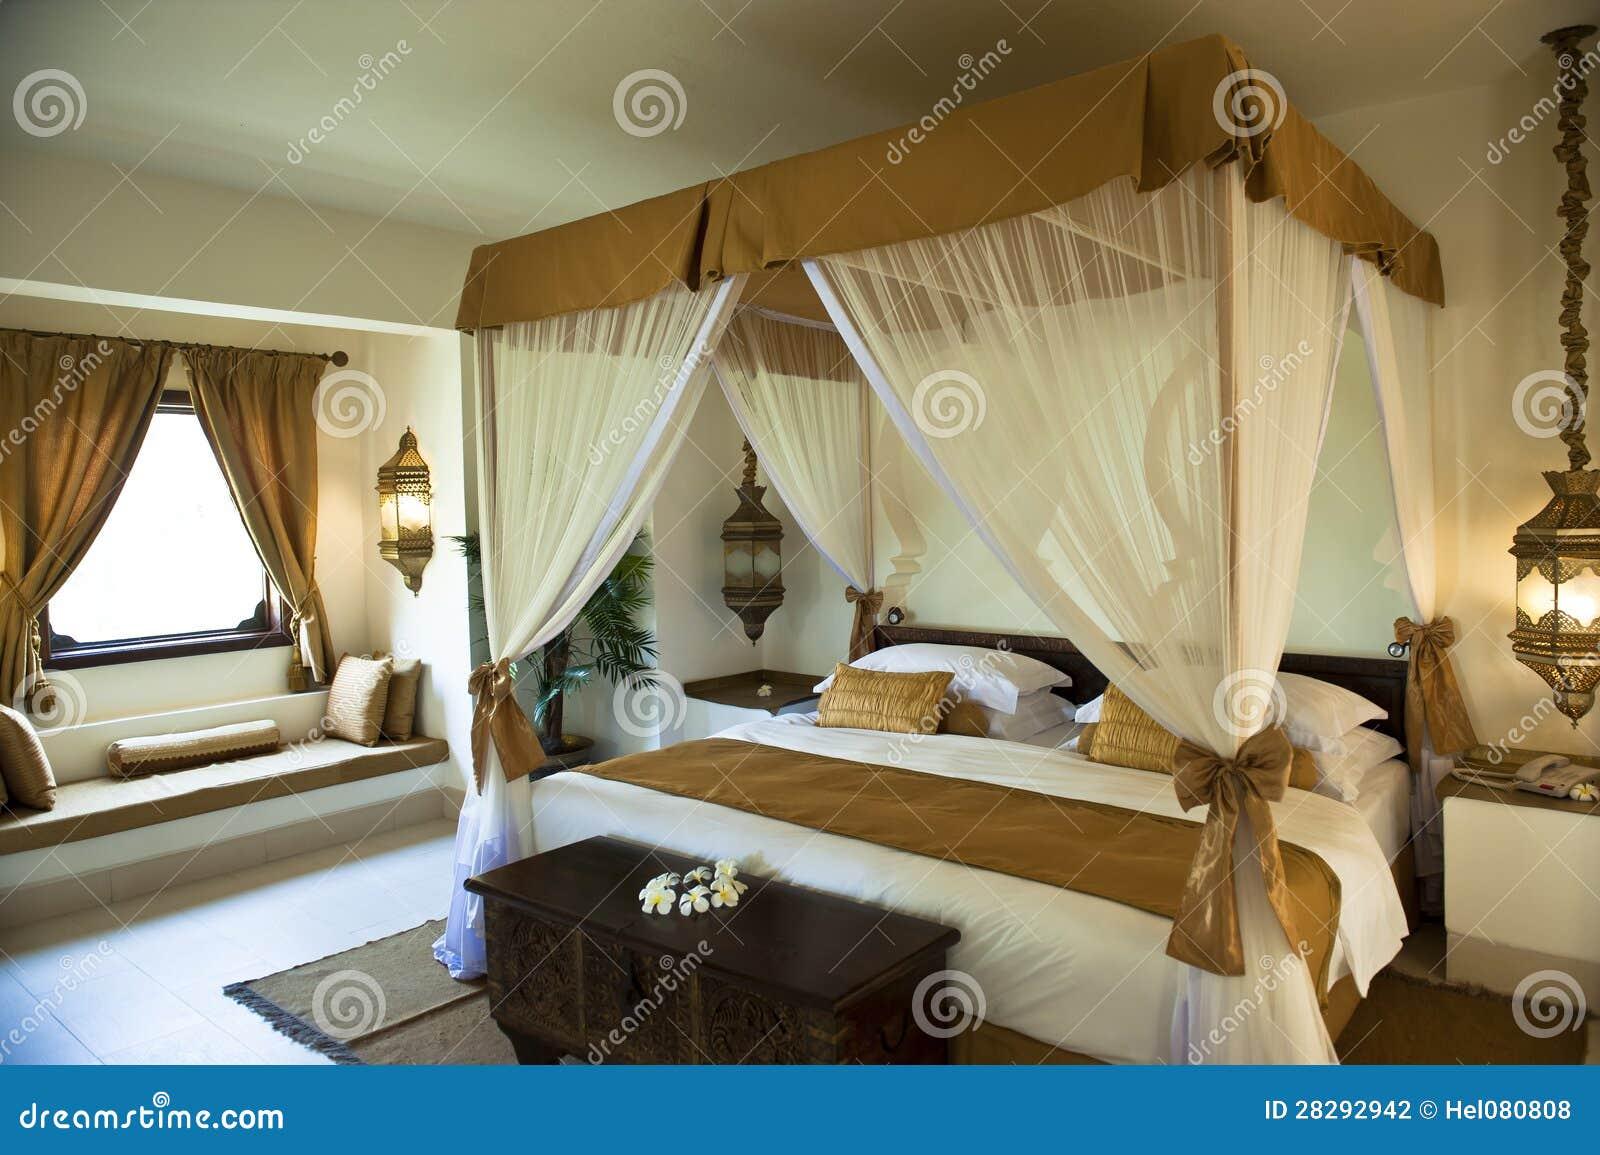 Camera Da Letto Orientale Di Lusso Dellhotel Fotografia Stock - Immagine...